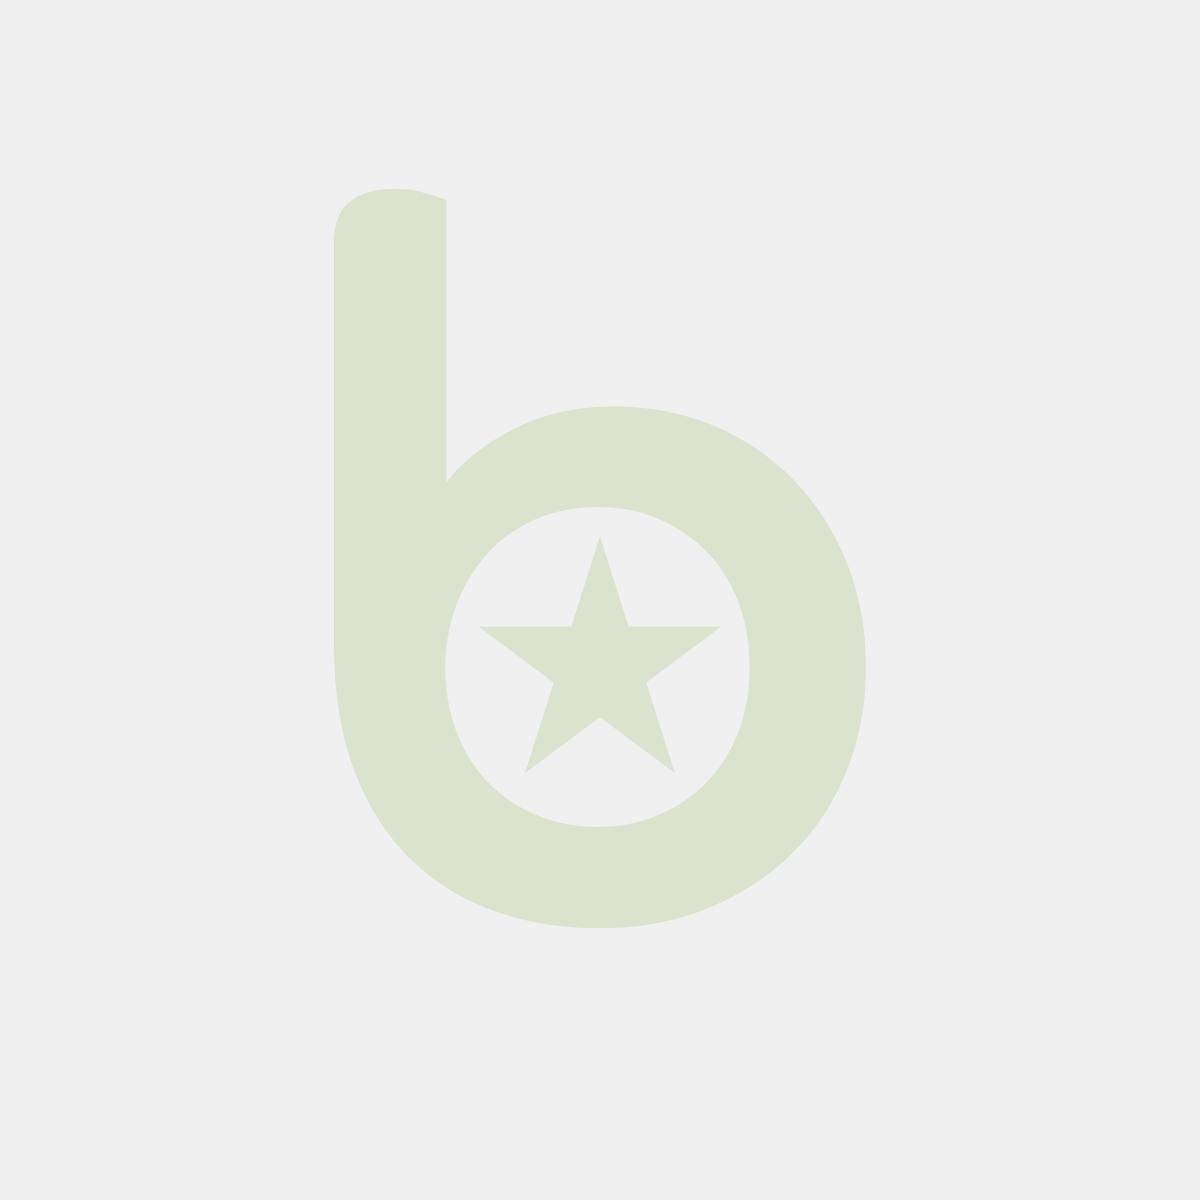 Wkład Slider 755 do długopisu SCHNEIDER , XB, format G2, zielony